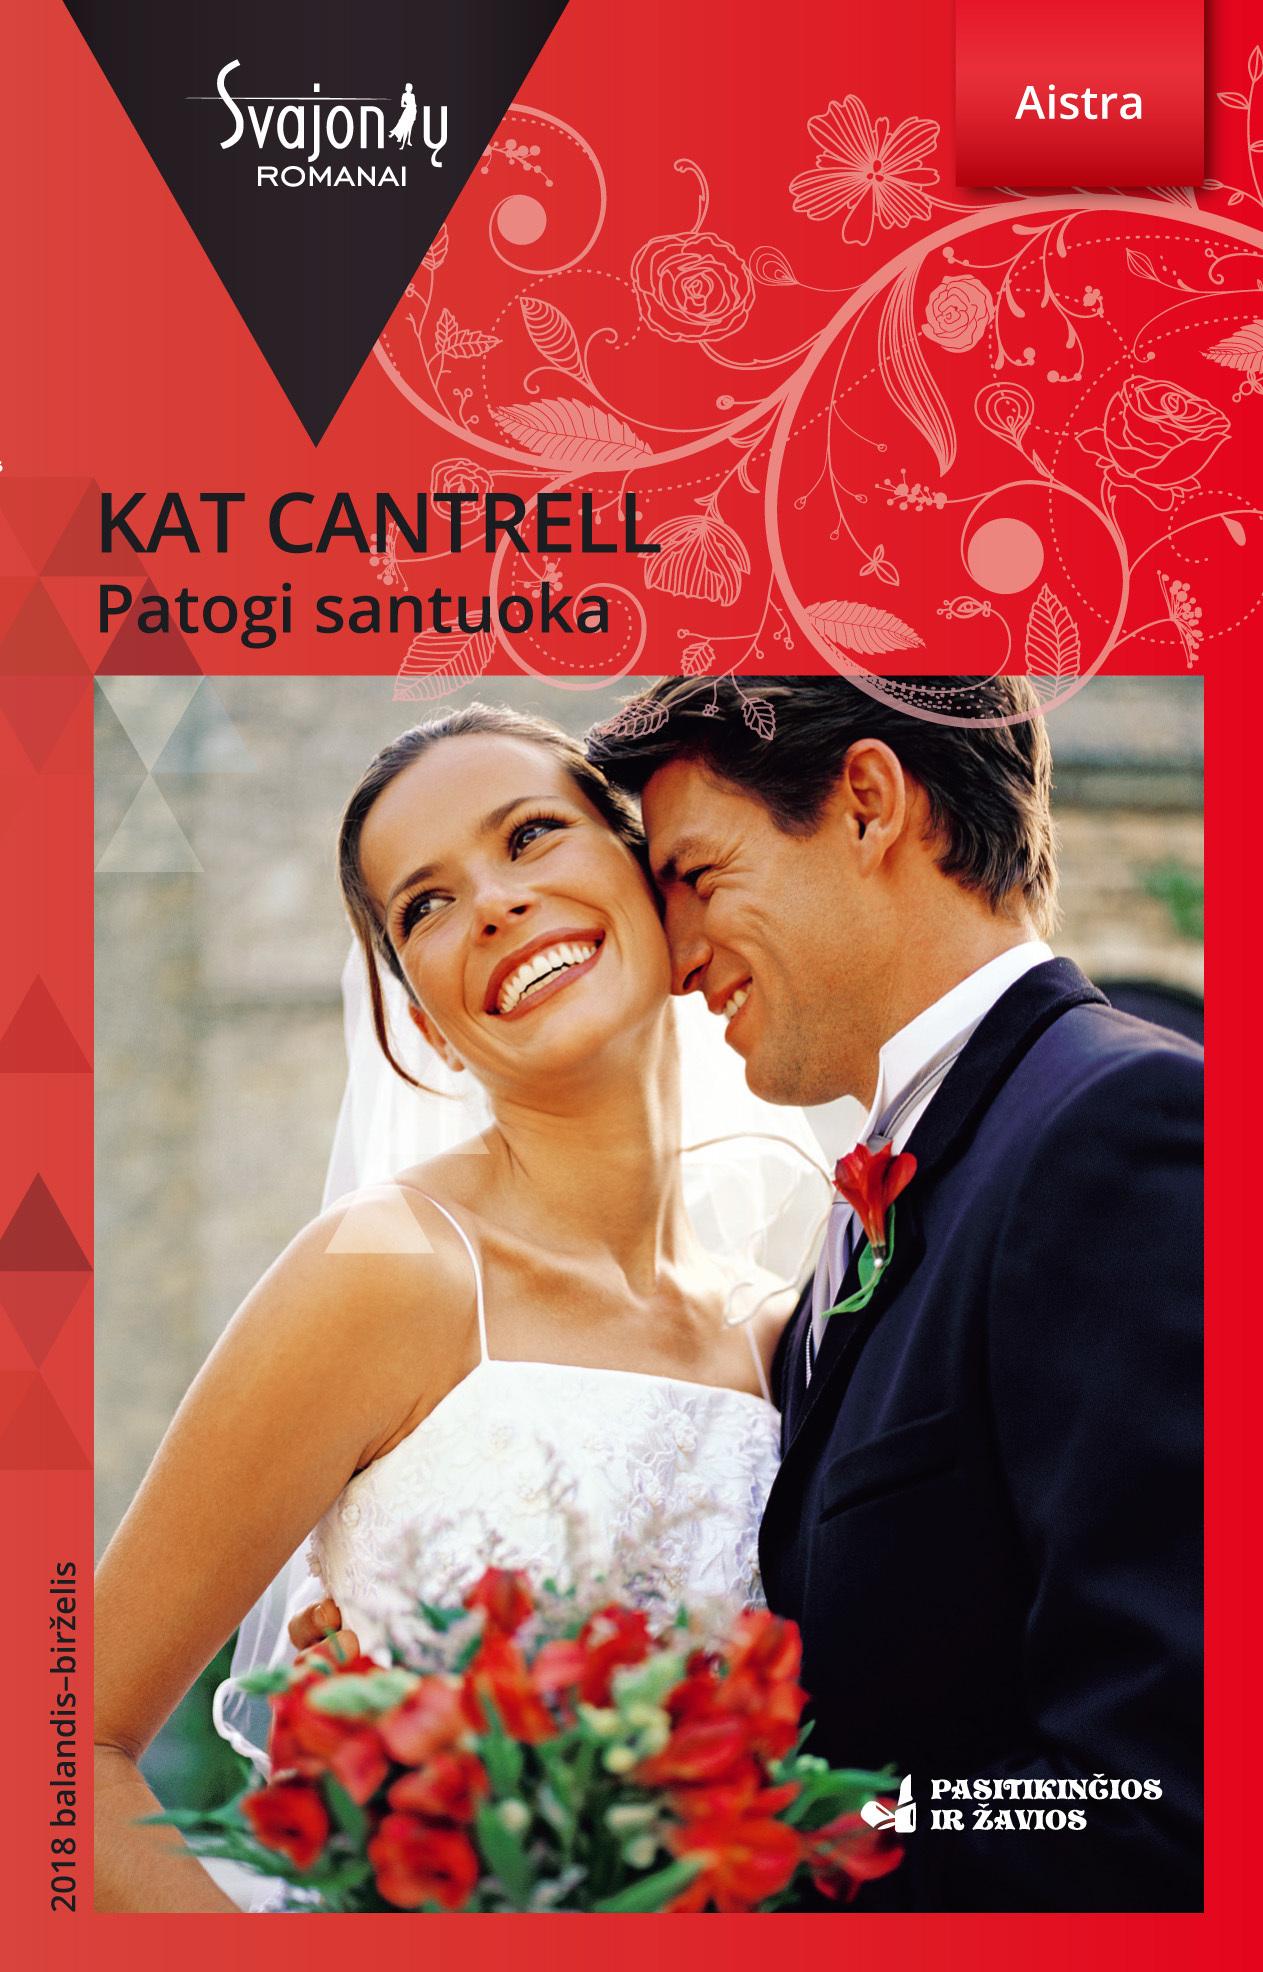 Kat Cantrell Patogi santuoka